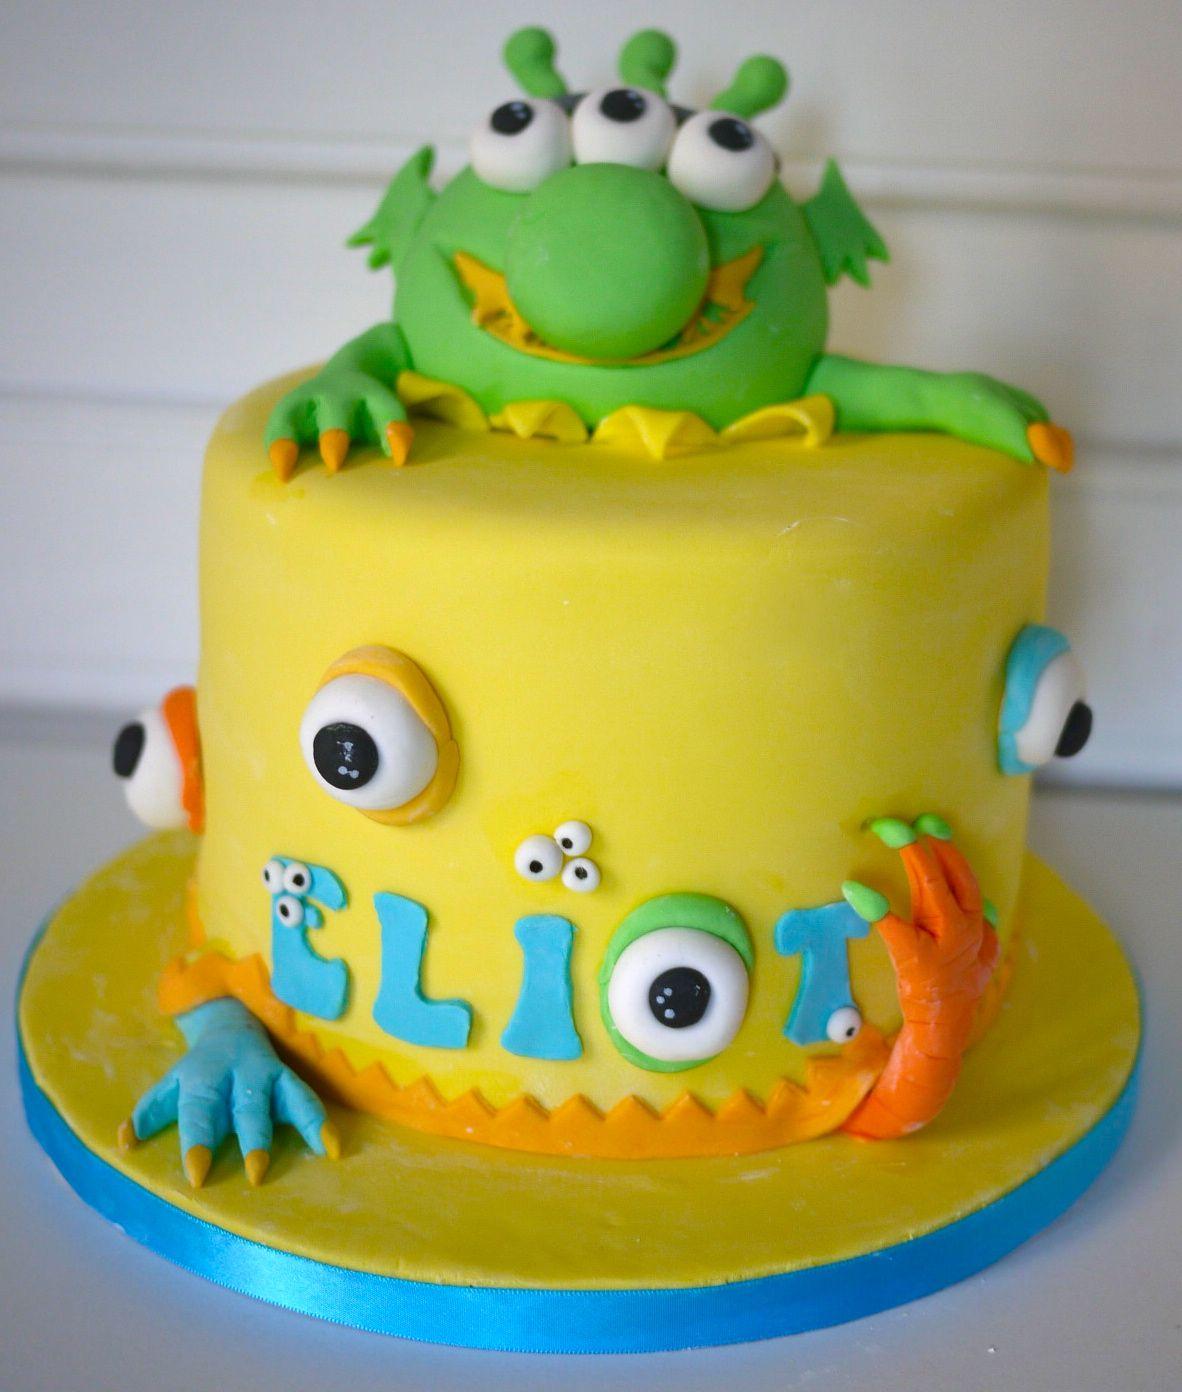 Very Cute Monster cake  Torte Fondant  Torten Fondant